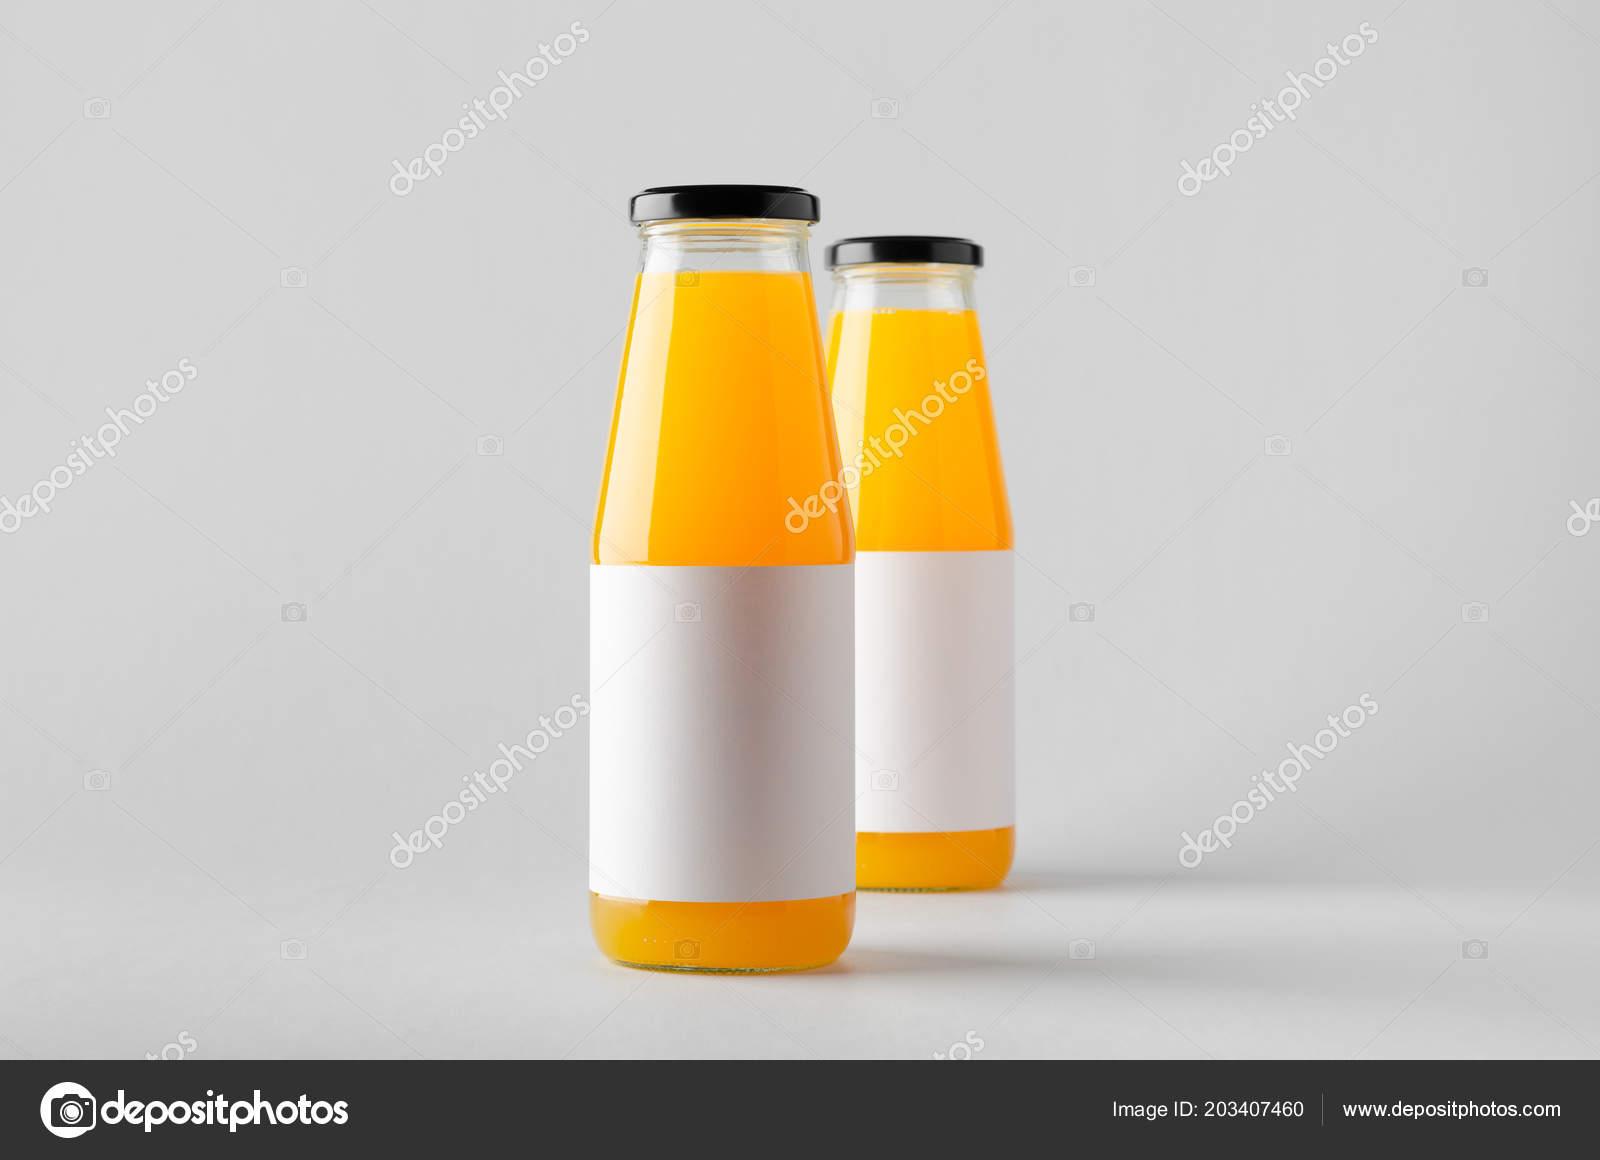 juice bottle mock two bottles blank label stock photo